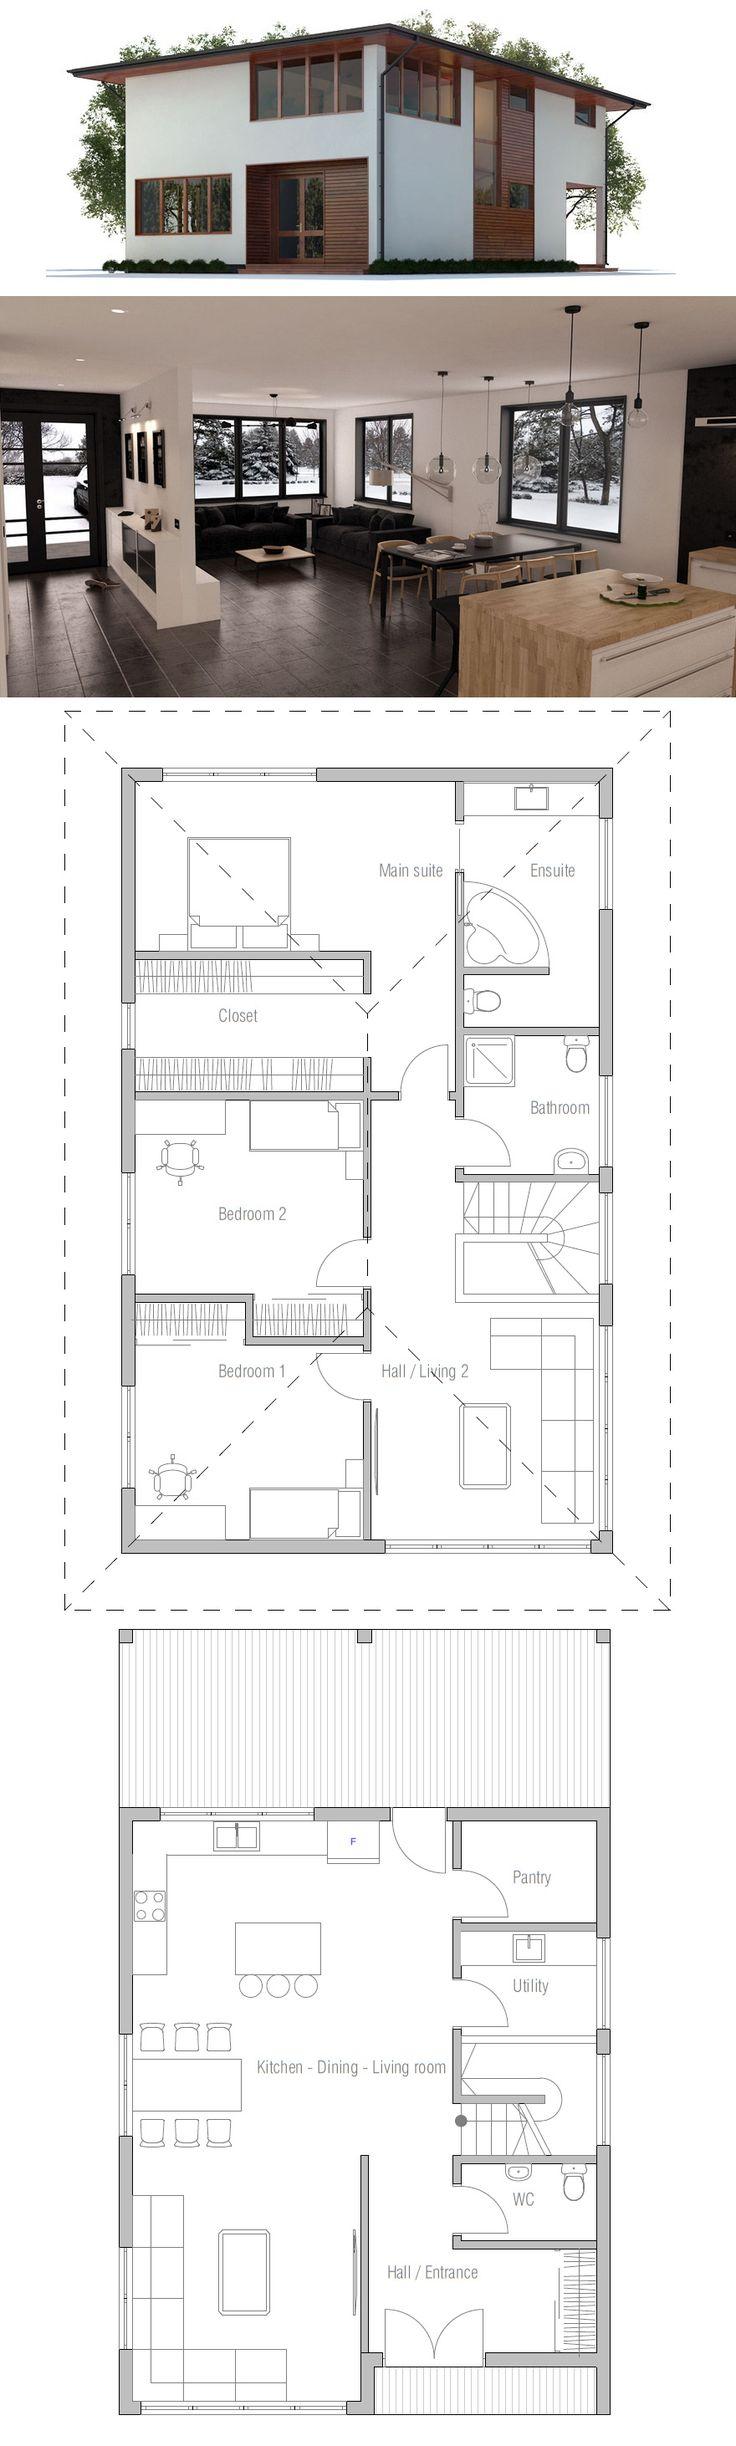 Grundrisse schmale hauspläne home pläne skizze haus pläne gehäuse 2nd floor kitchen dining house plans